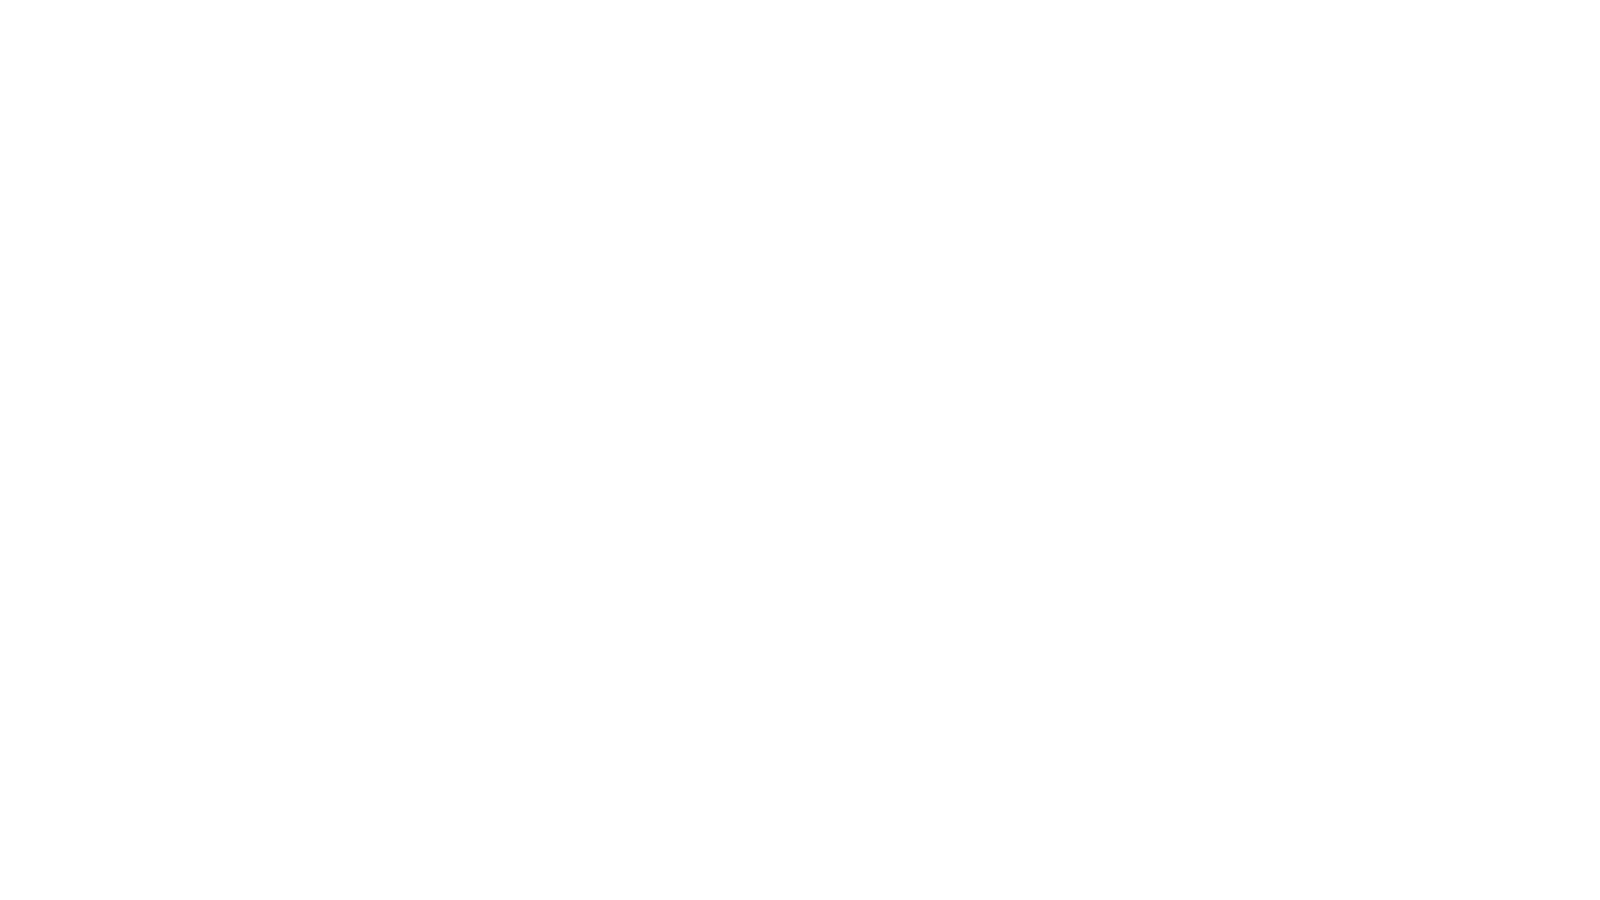 20 ANOS DE RITMO MELODIA  Você conhece a Revista Ritmo Melodia.  Somos o maior banco de dados de entrevistas com músicos brasileiros. Aqui, além de consultar as informações, você pode avaliar e discutir sobre nossas entrevistas e artistas dos mais diversos gêneros, como: forró, samba, pagode, baião, maracatu, reggae, rock, pop, mpb, brega, sertanejo, caipira, bossa nova, rap e muito mais. Já entrevistamos artistas como: Gilberto Gil, Dominguinhos, Sivuca, Tribo de Jah, Zé Rodrix, Yamandu Costa, Papete, Geraldo Vandré, Nelson Faria, Paulinho da Viola, Nelson Sargento, Hyldon, Wilson Curia, entre tantos outros, todo mês temos muitas outras novas.  Site: https://www.ritmomelodia.mus.br Instagram: https://instagram.com/revistaritmomelodia Pinterest: https://br.pinterest.com/revistaritmomelodia/